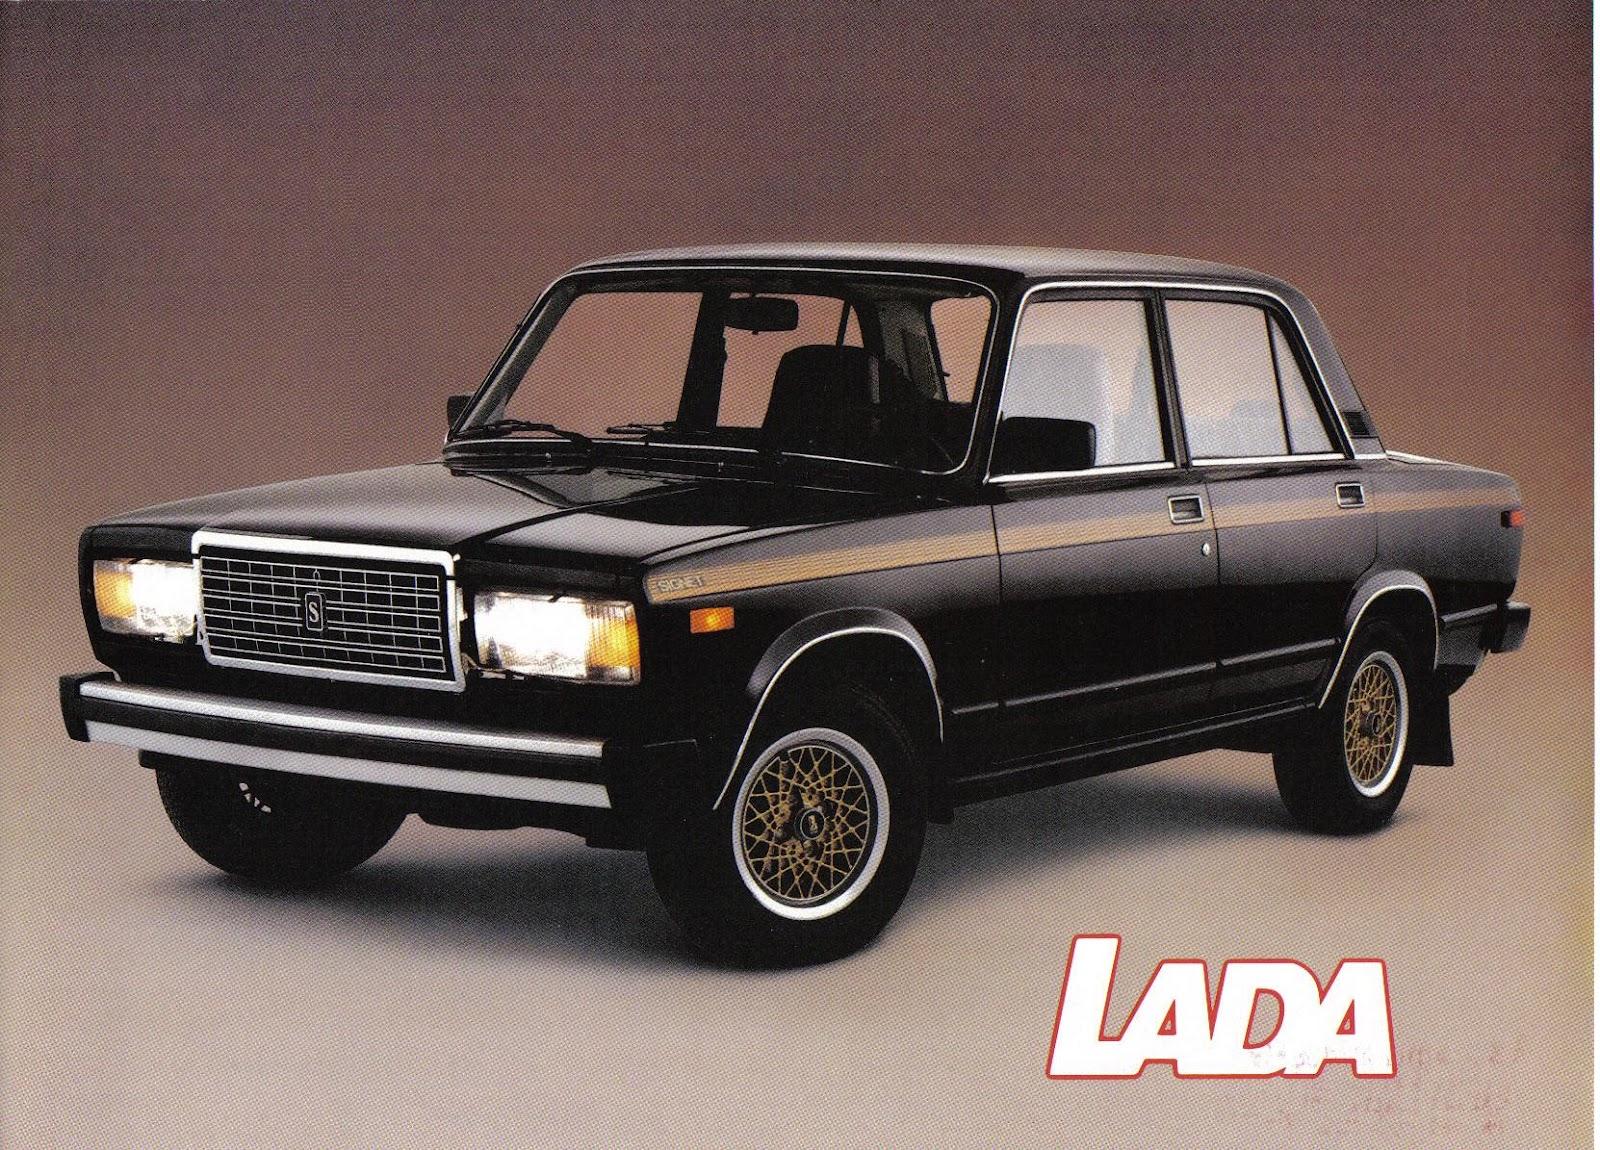 Z_1986-Lada.jpg